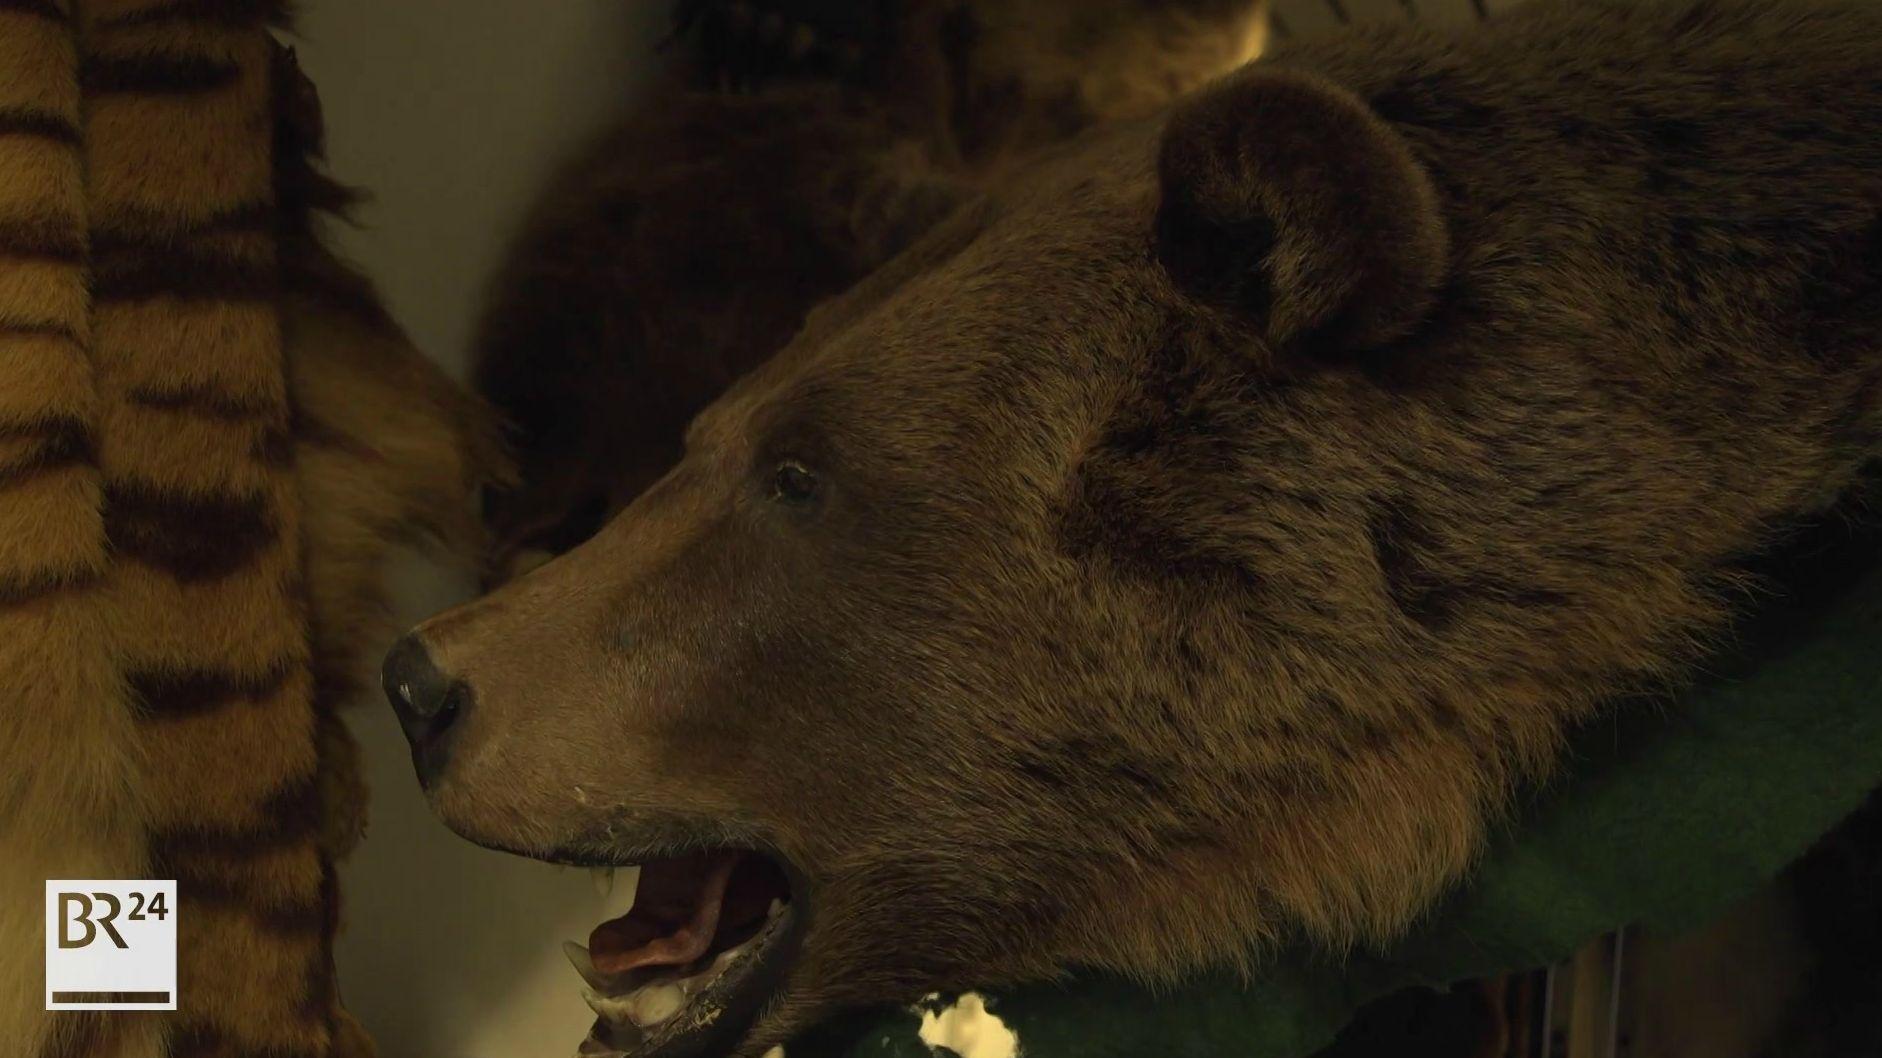 Ausgestopfter Bär